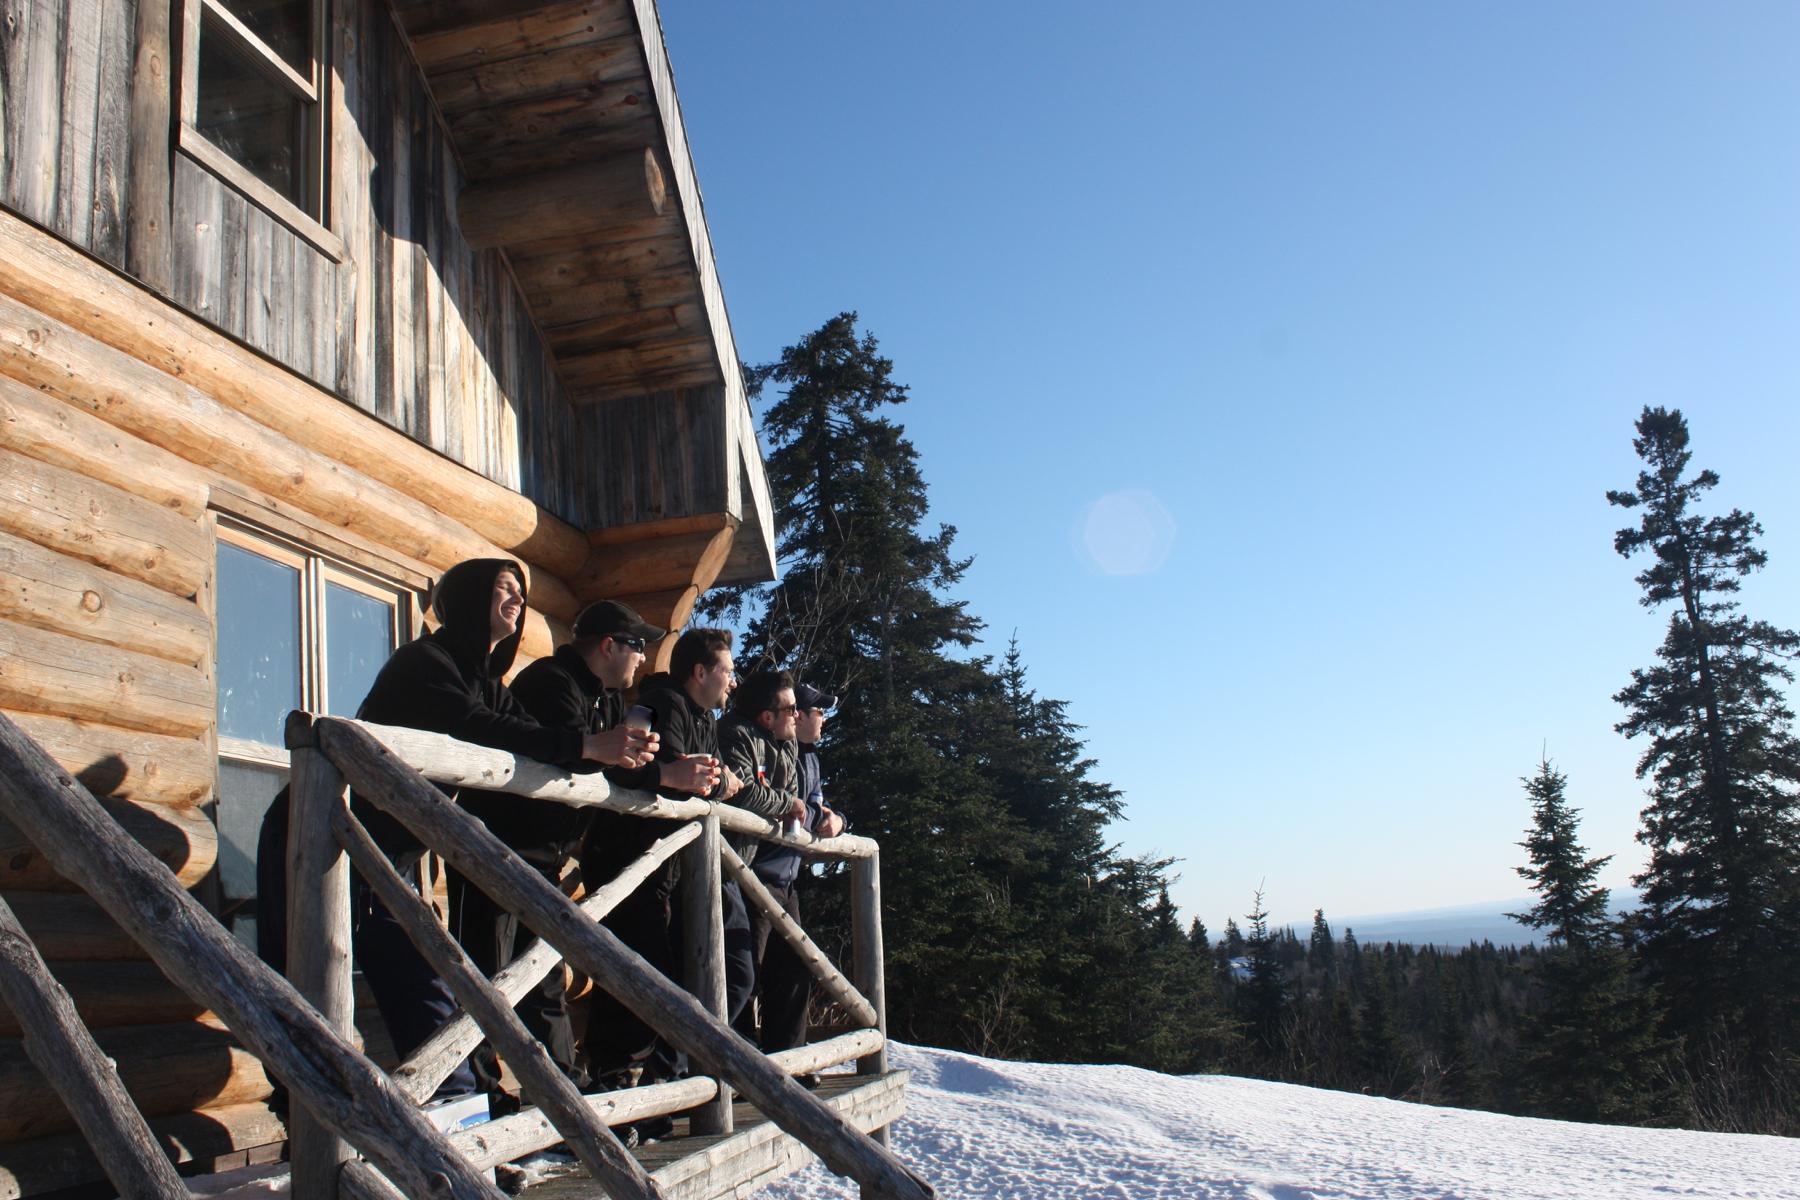 parc-montagne-du-diable-paysage-00123_1800x1200